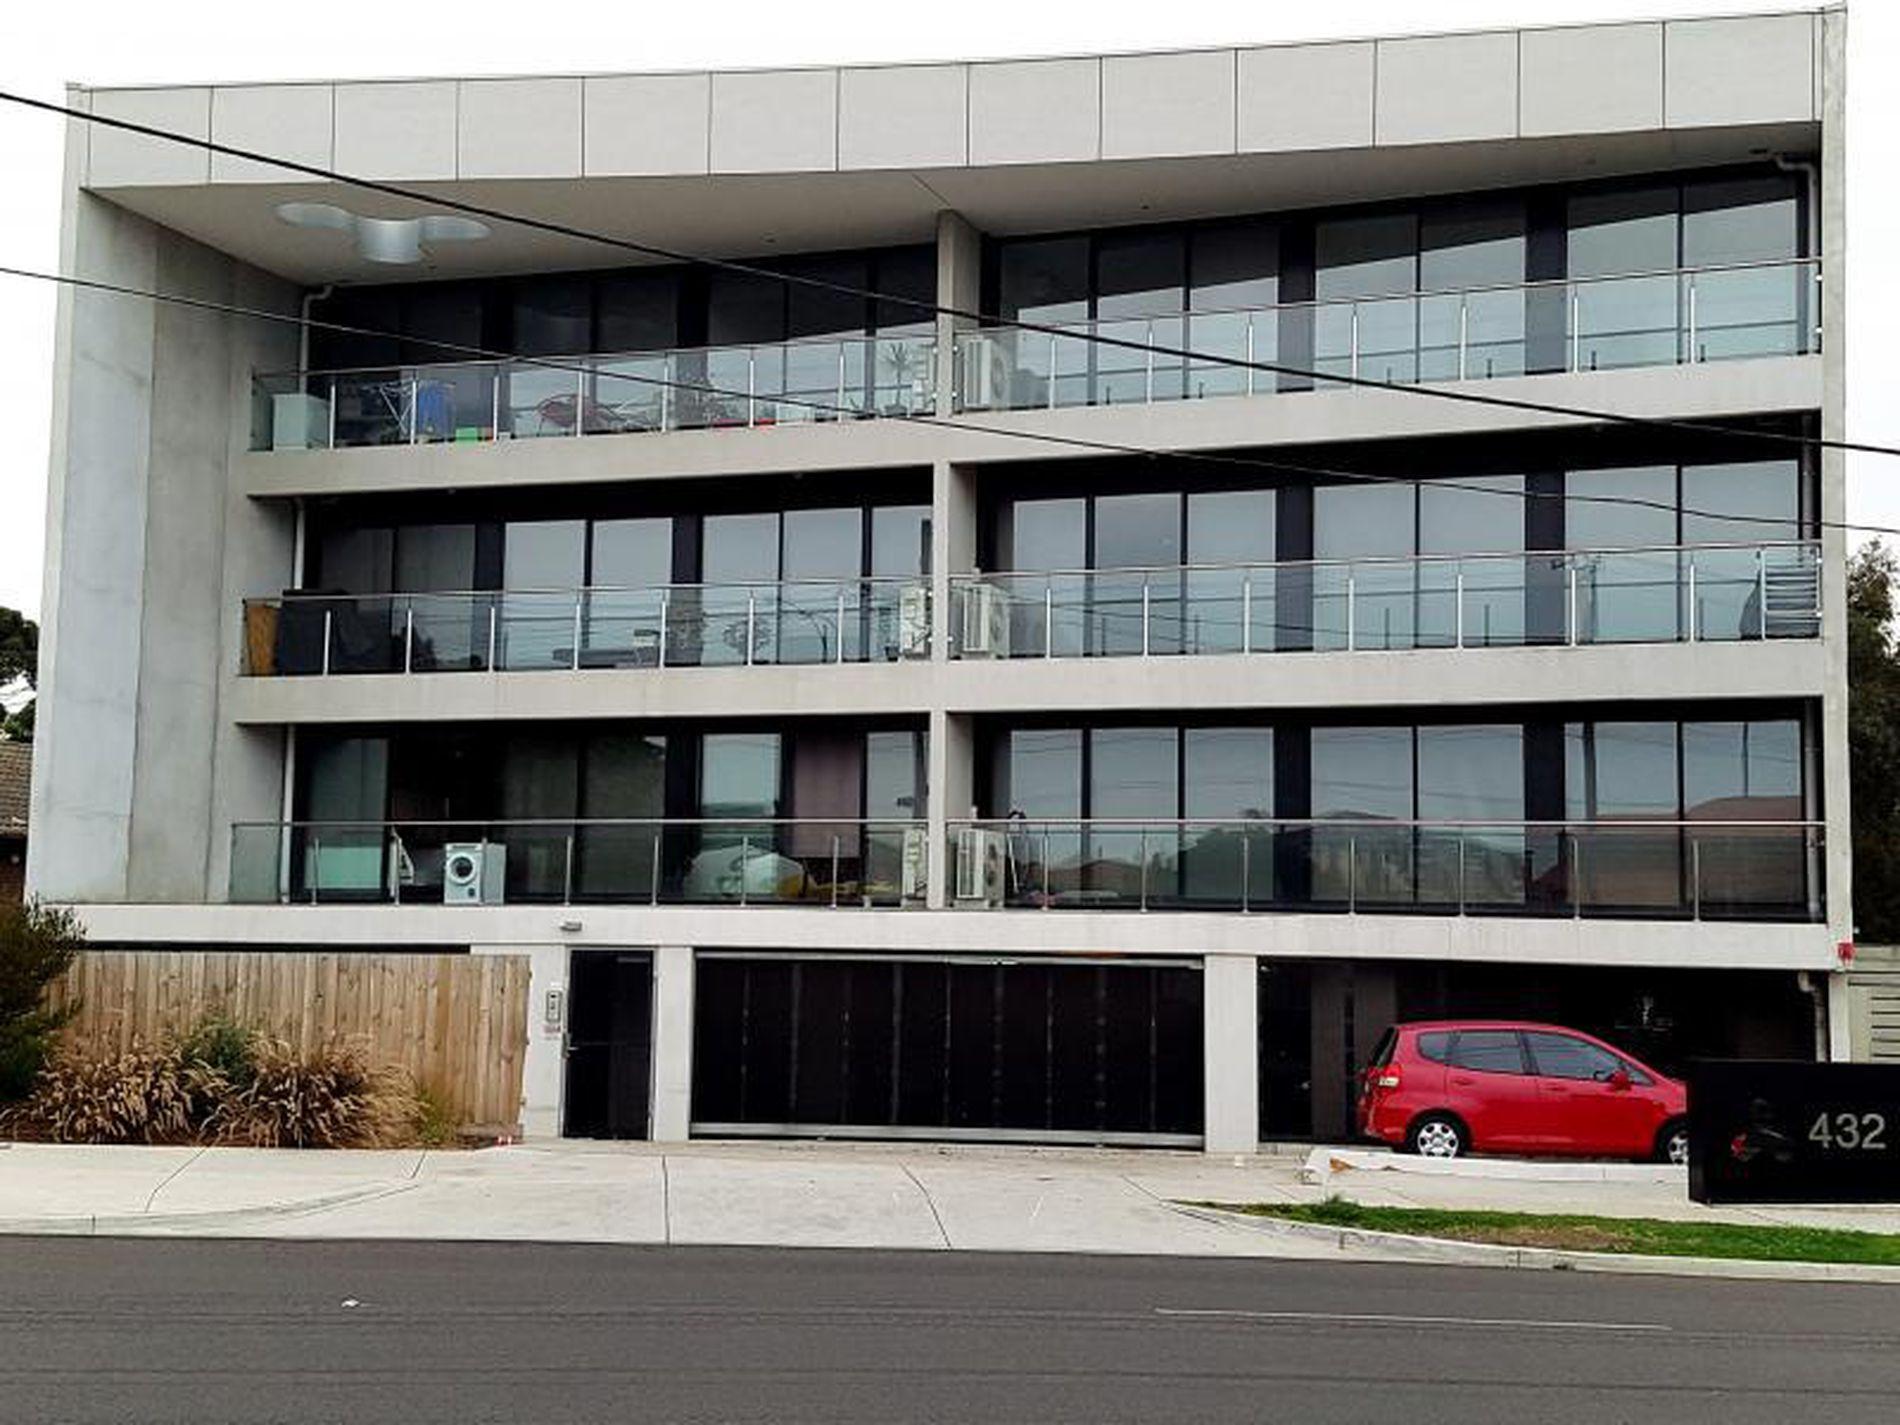 207 / 432 Geelong Road, West Footscray